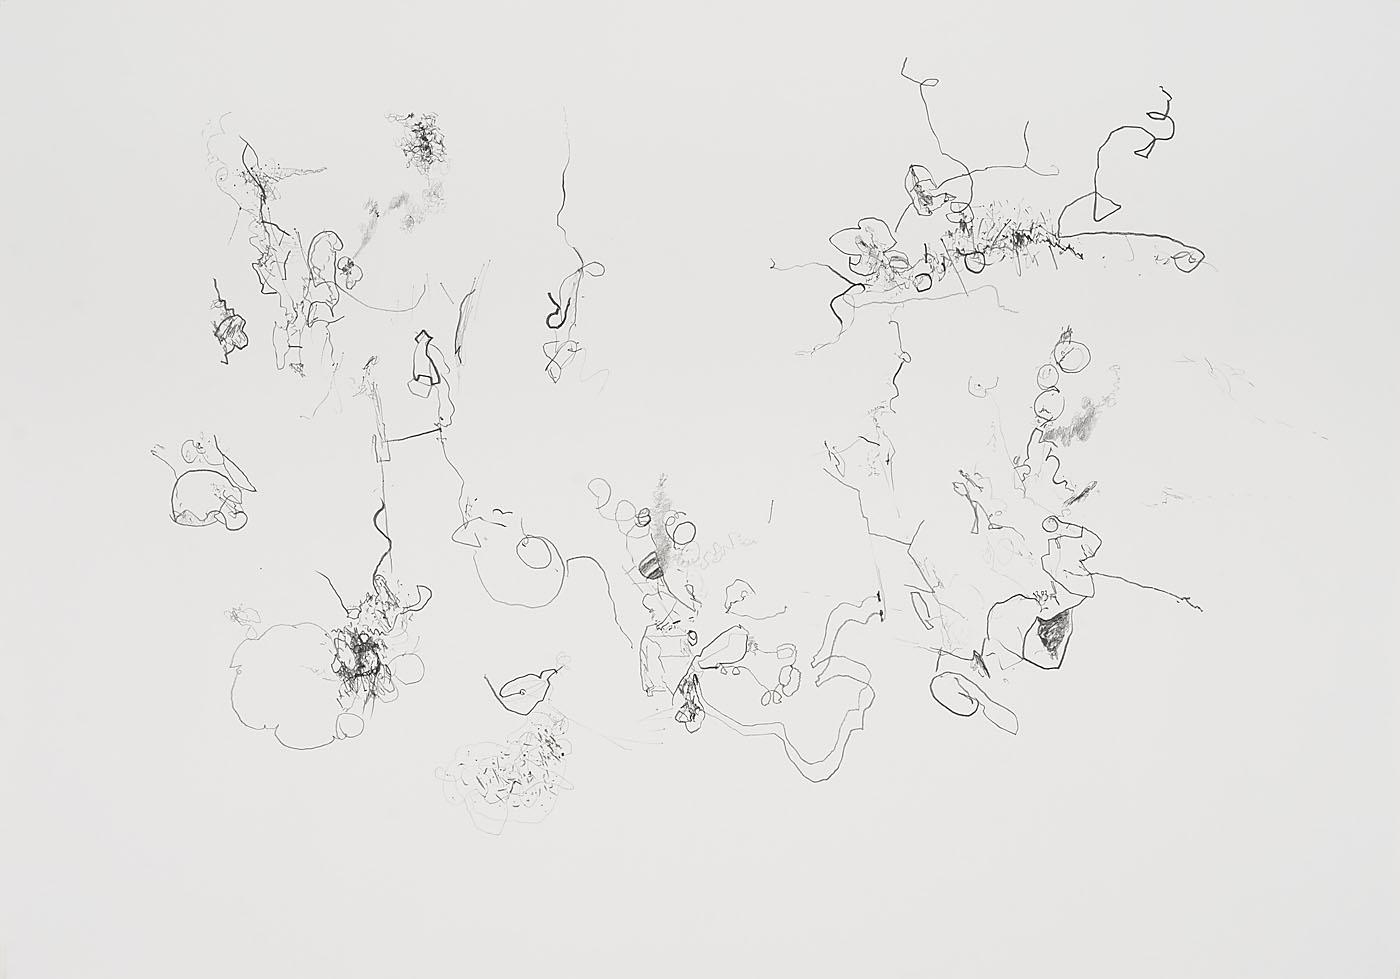 Seismografische Kompositionen 13 03 14 B / Bleistift auf Papier / 59,4 x 84,1 cm